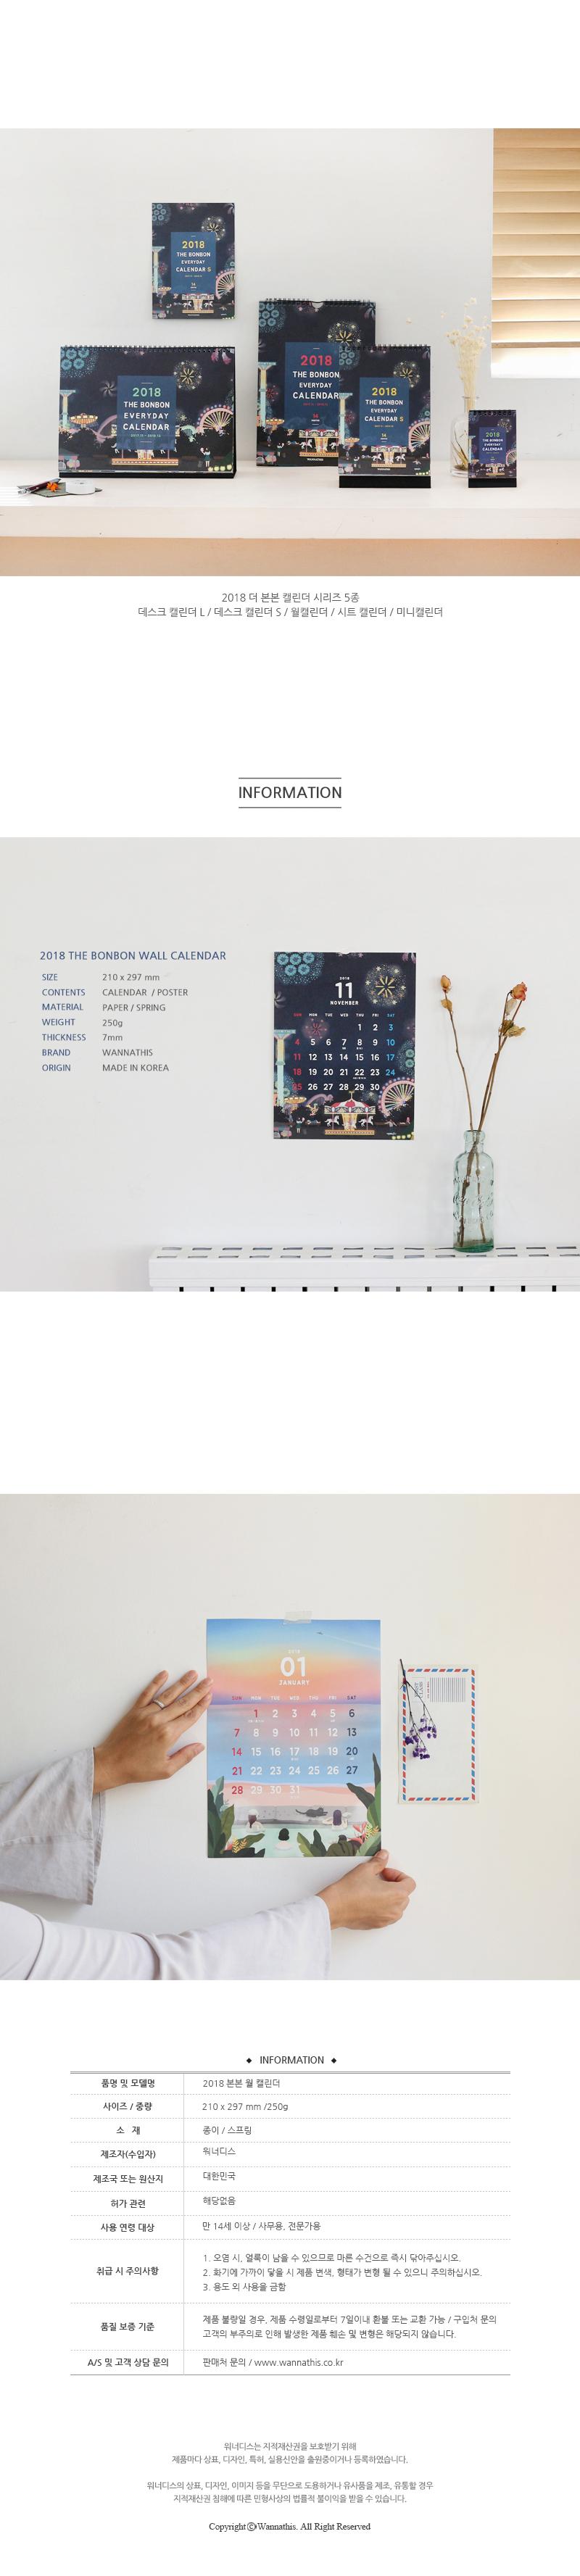 2018 더 본본 월 캘린더4,500원-워너디스디자인문구, 다이어리/캘린더, 캘린더, 벽걸이캘린더바보사랑2018 더 본본 월 캘린더4,500원-워너디스디자인문구, 다이어리/캘린더, 캘린더, 벽걸이캘린더바보사랑